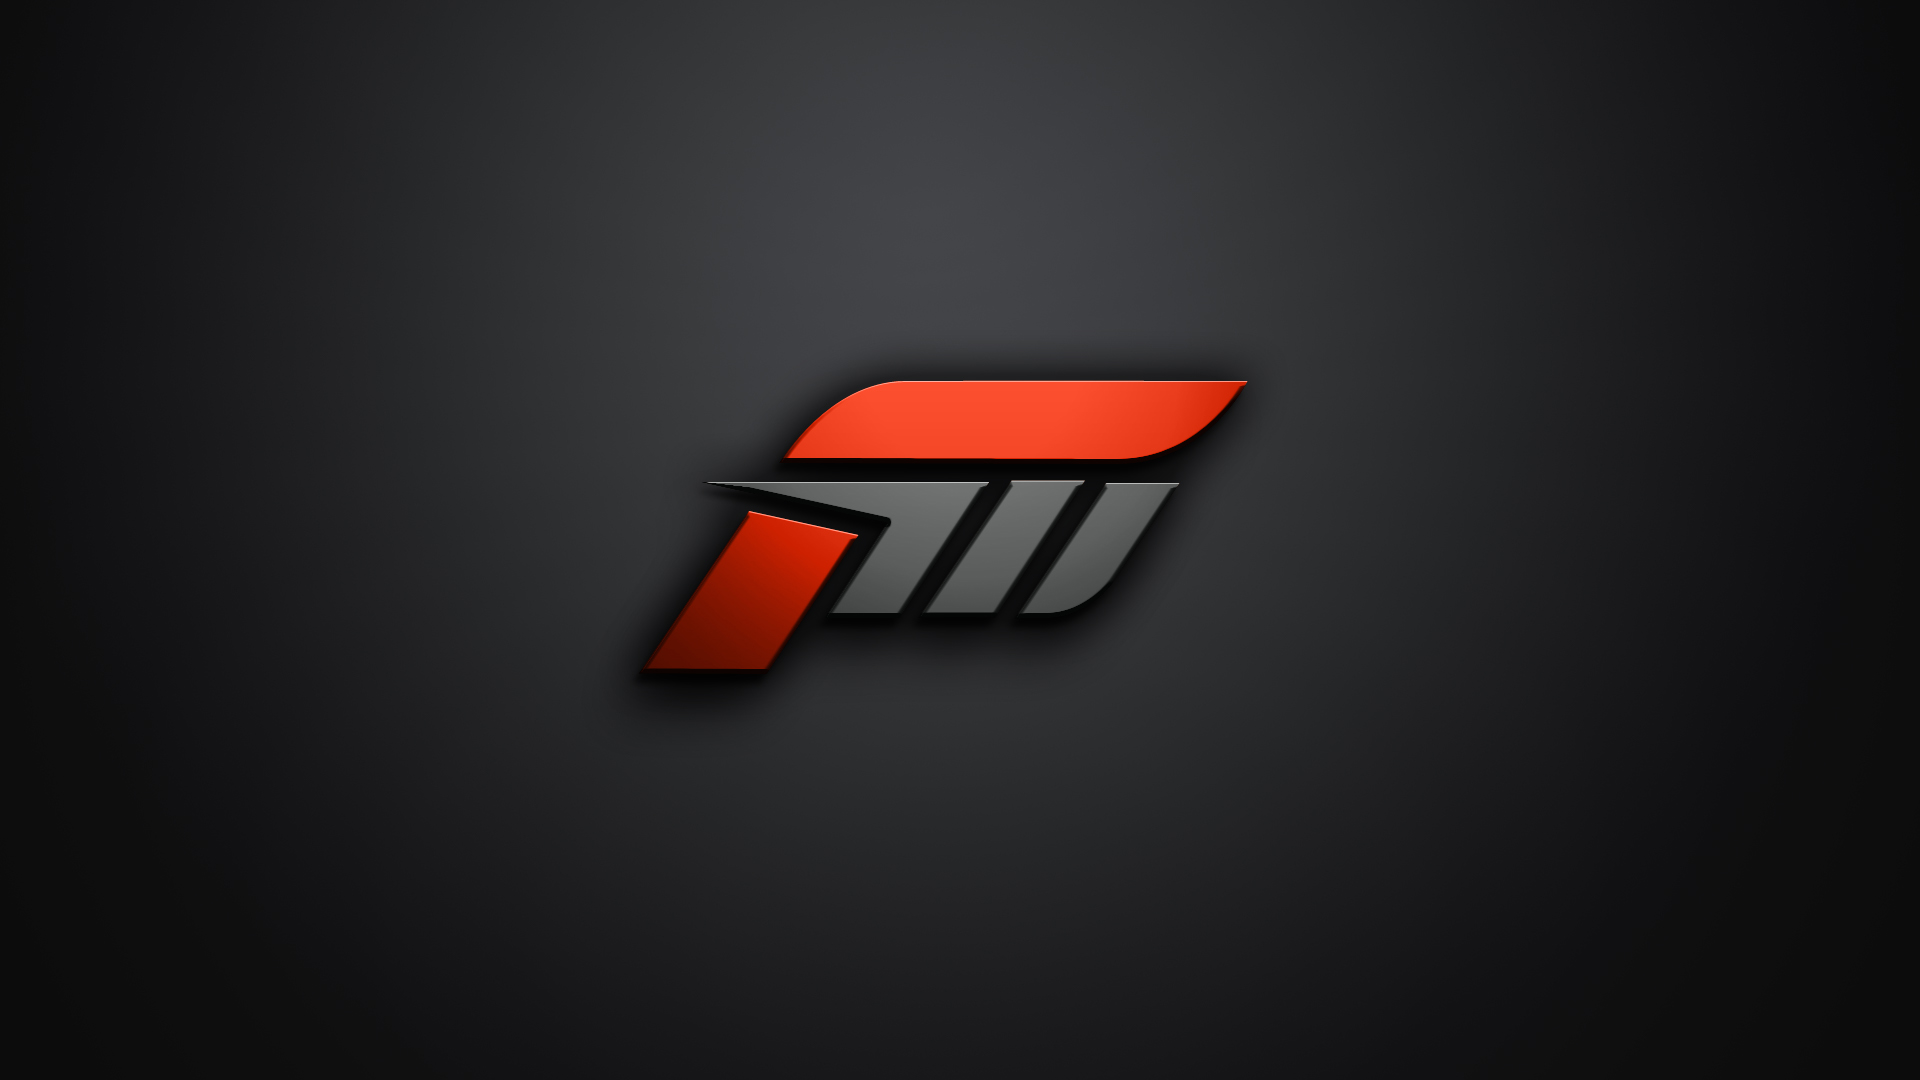 Forza Motorsport Computer Wallpapers Desktop Backgrounds 1920x1080